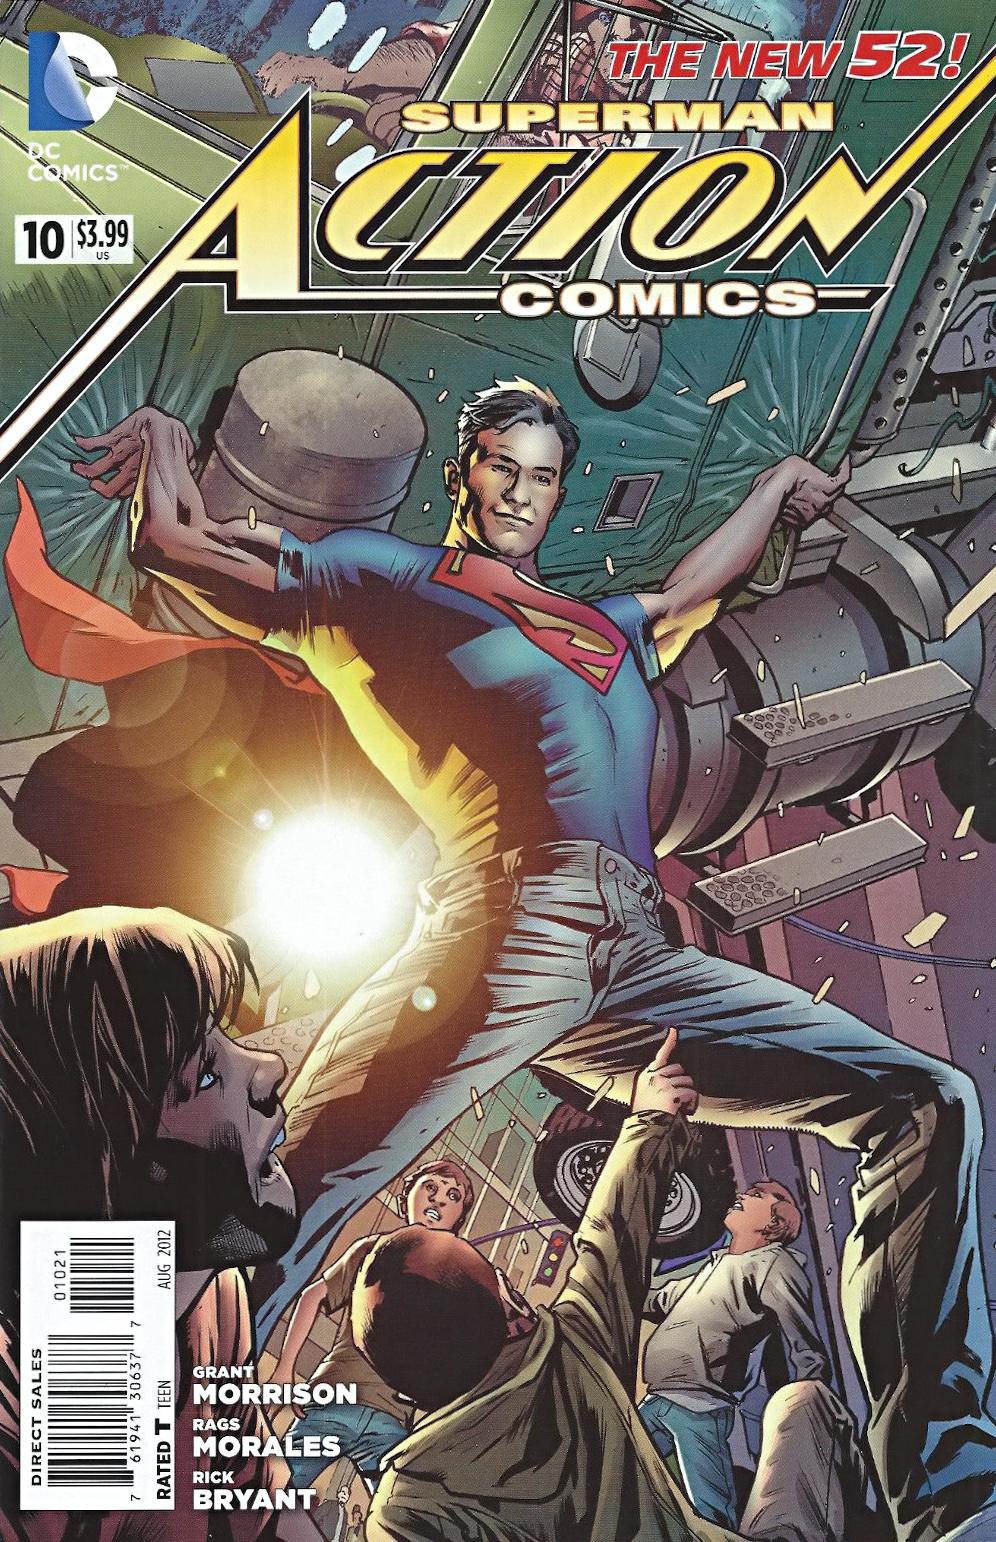 Action Comics Vol 2 10 Variant.jpg